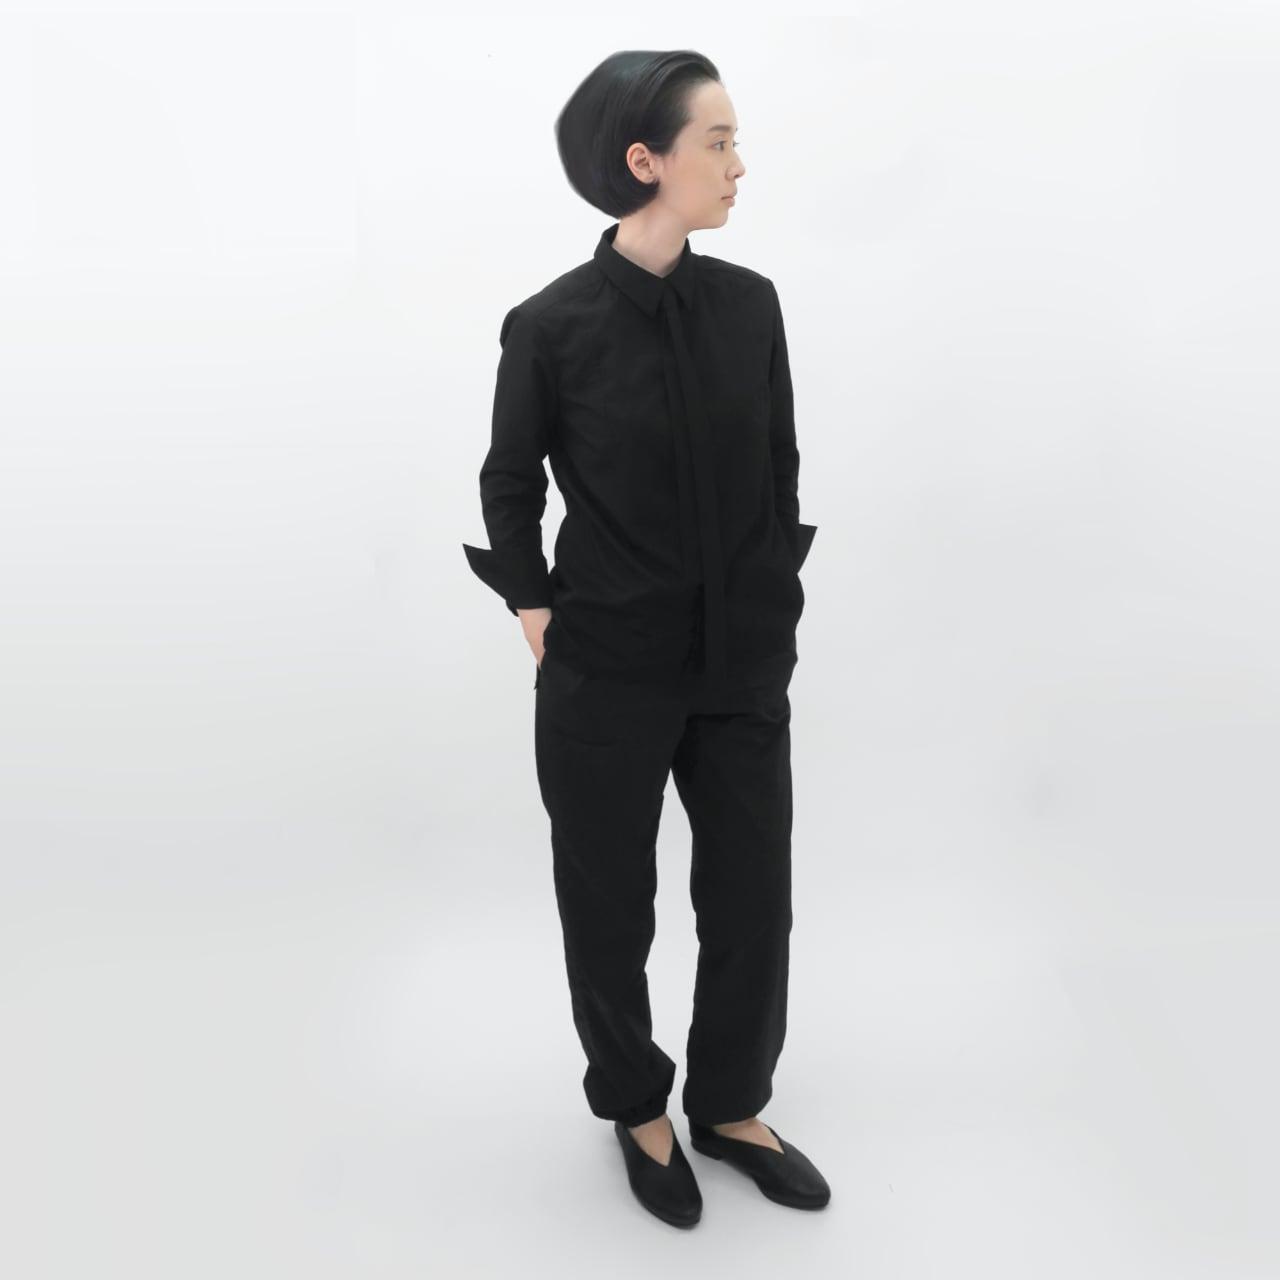 受注制/ポリエステル混コットン/比翼/ネクタイ/シャツカラーシャツ/T-4